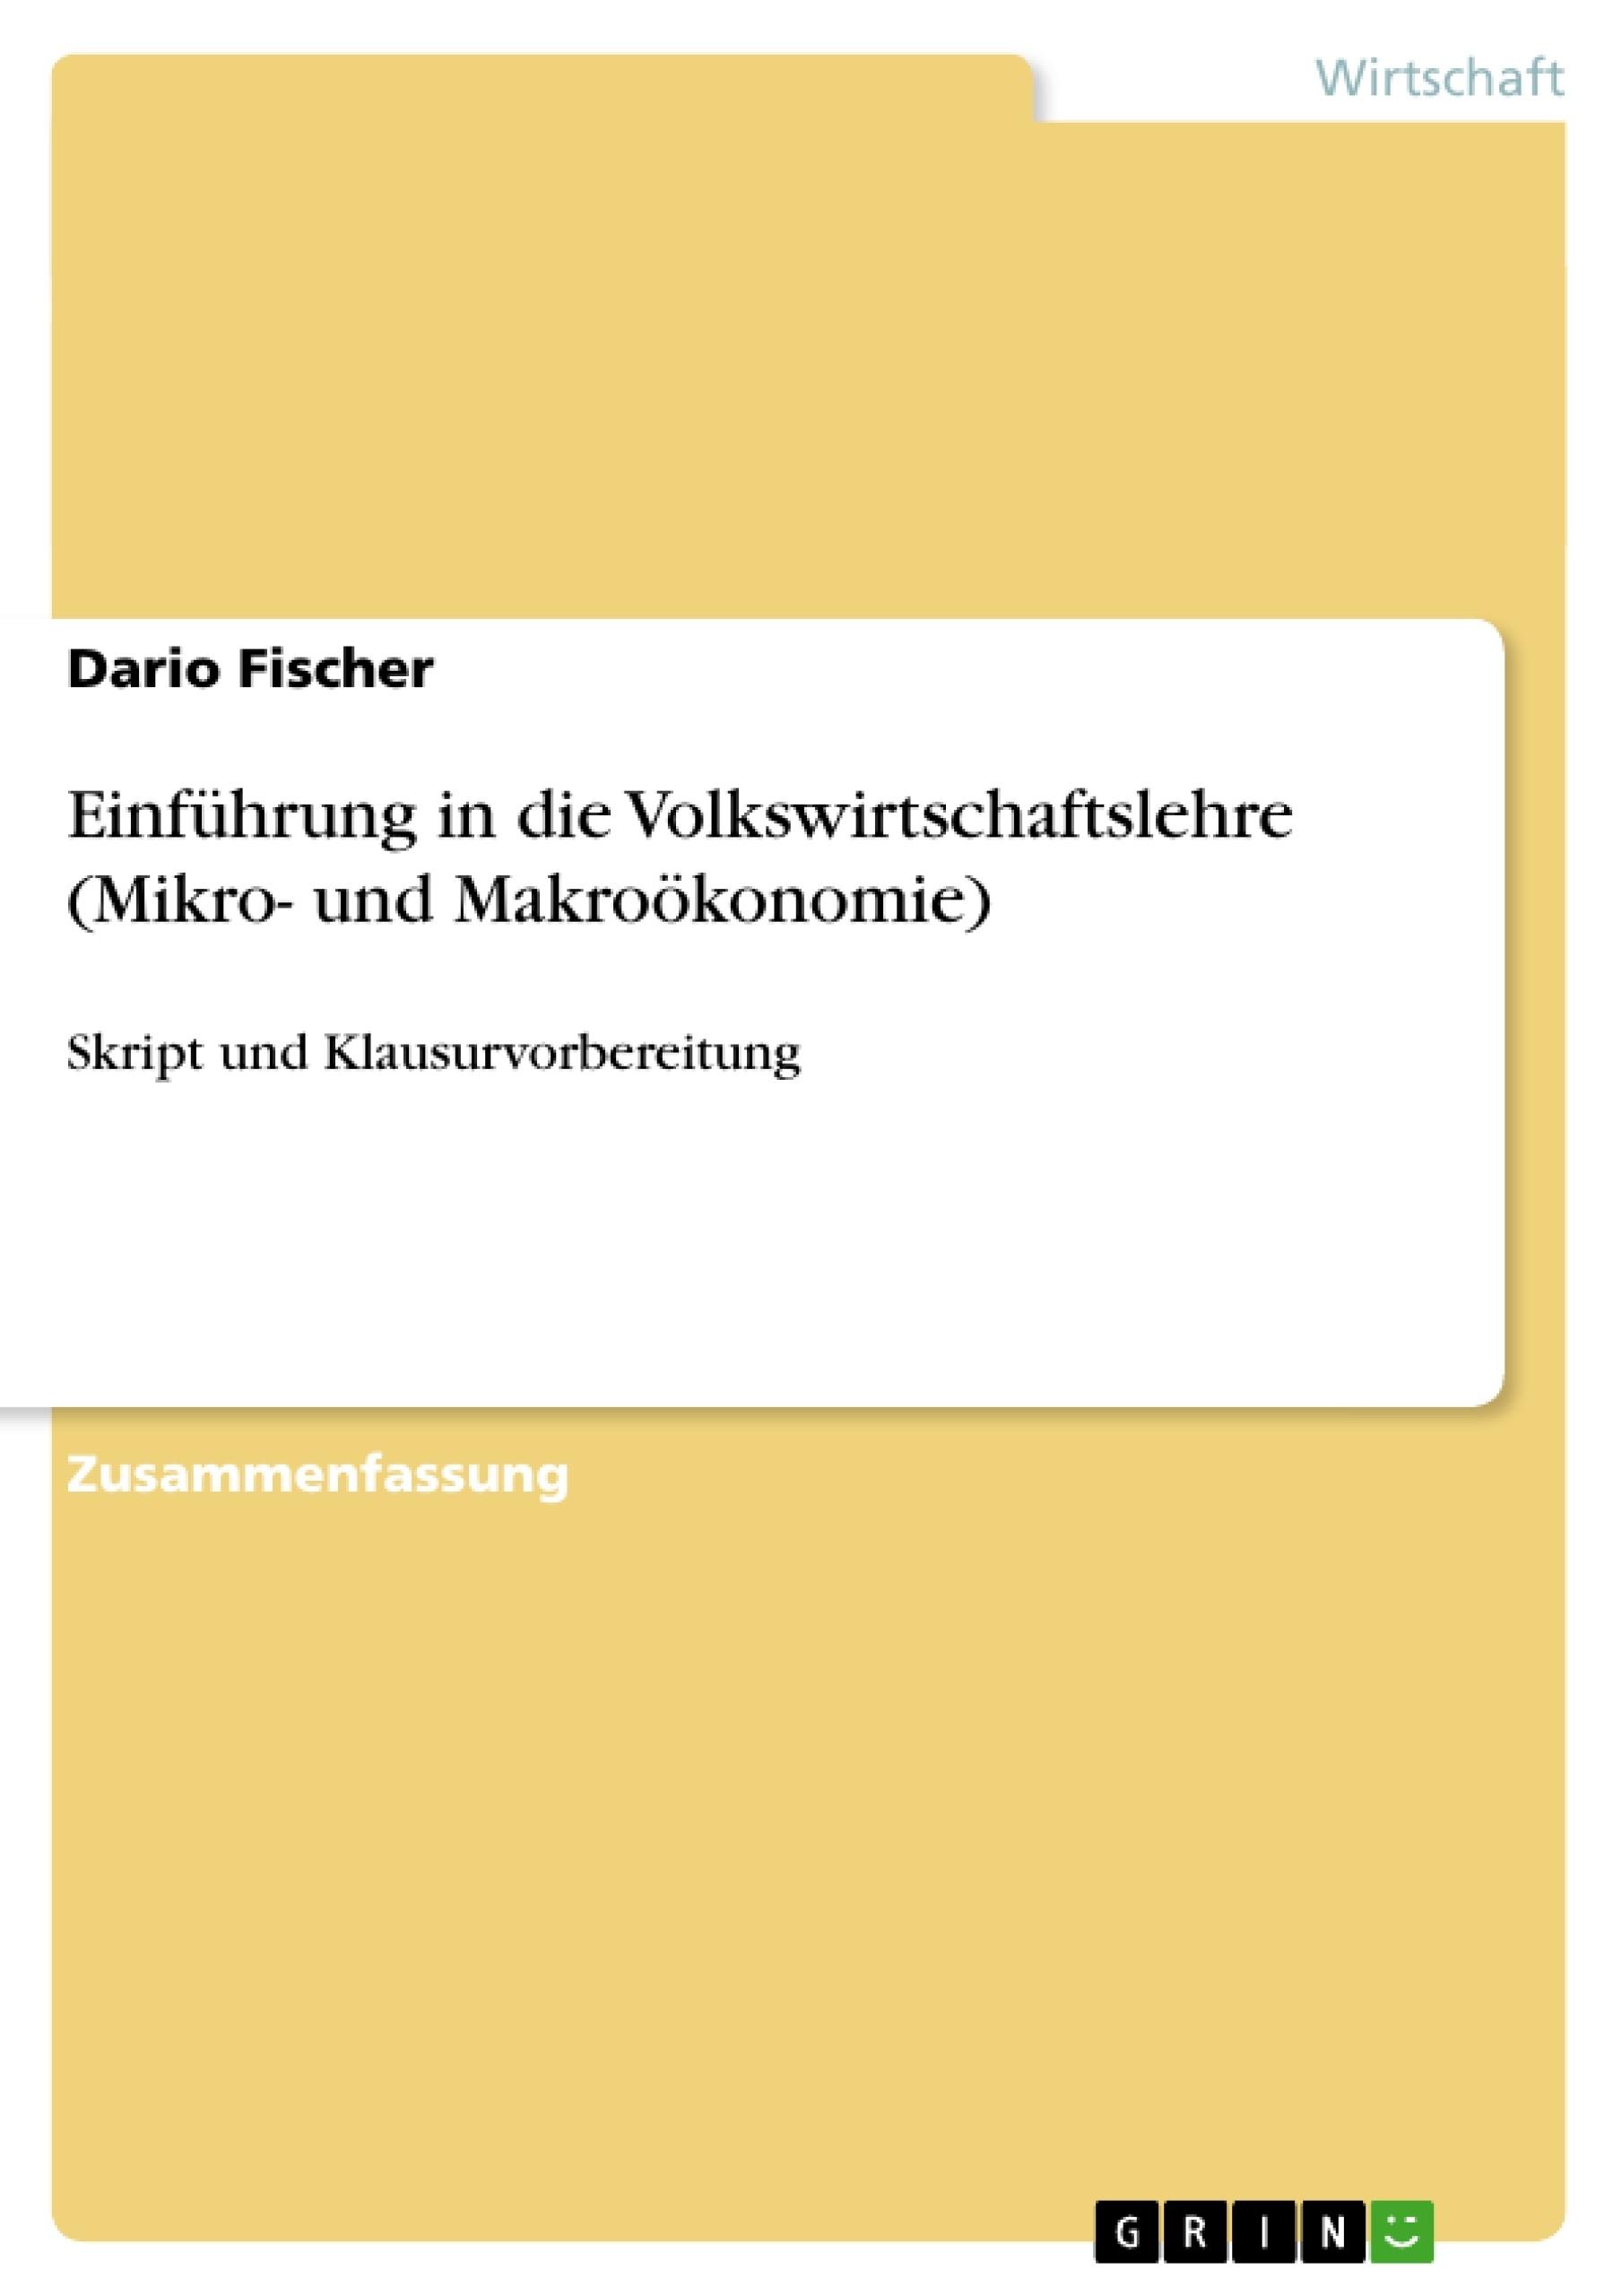 Titel: Einführung in die Volkswirtschaftslehre (Mikro- und Makroökonomie)